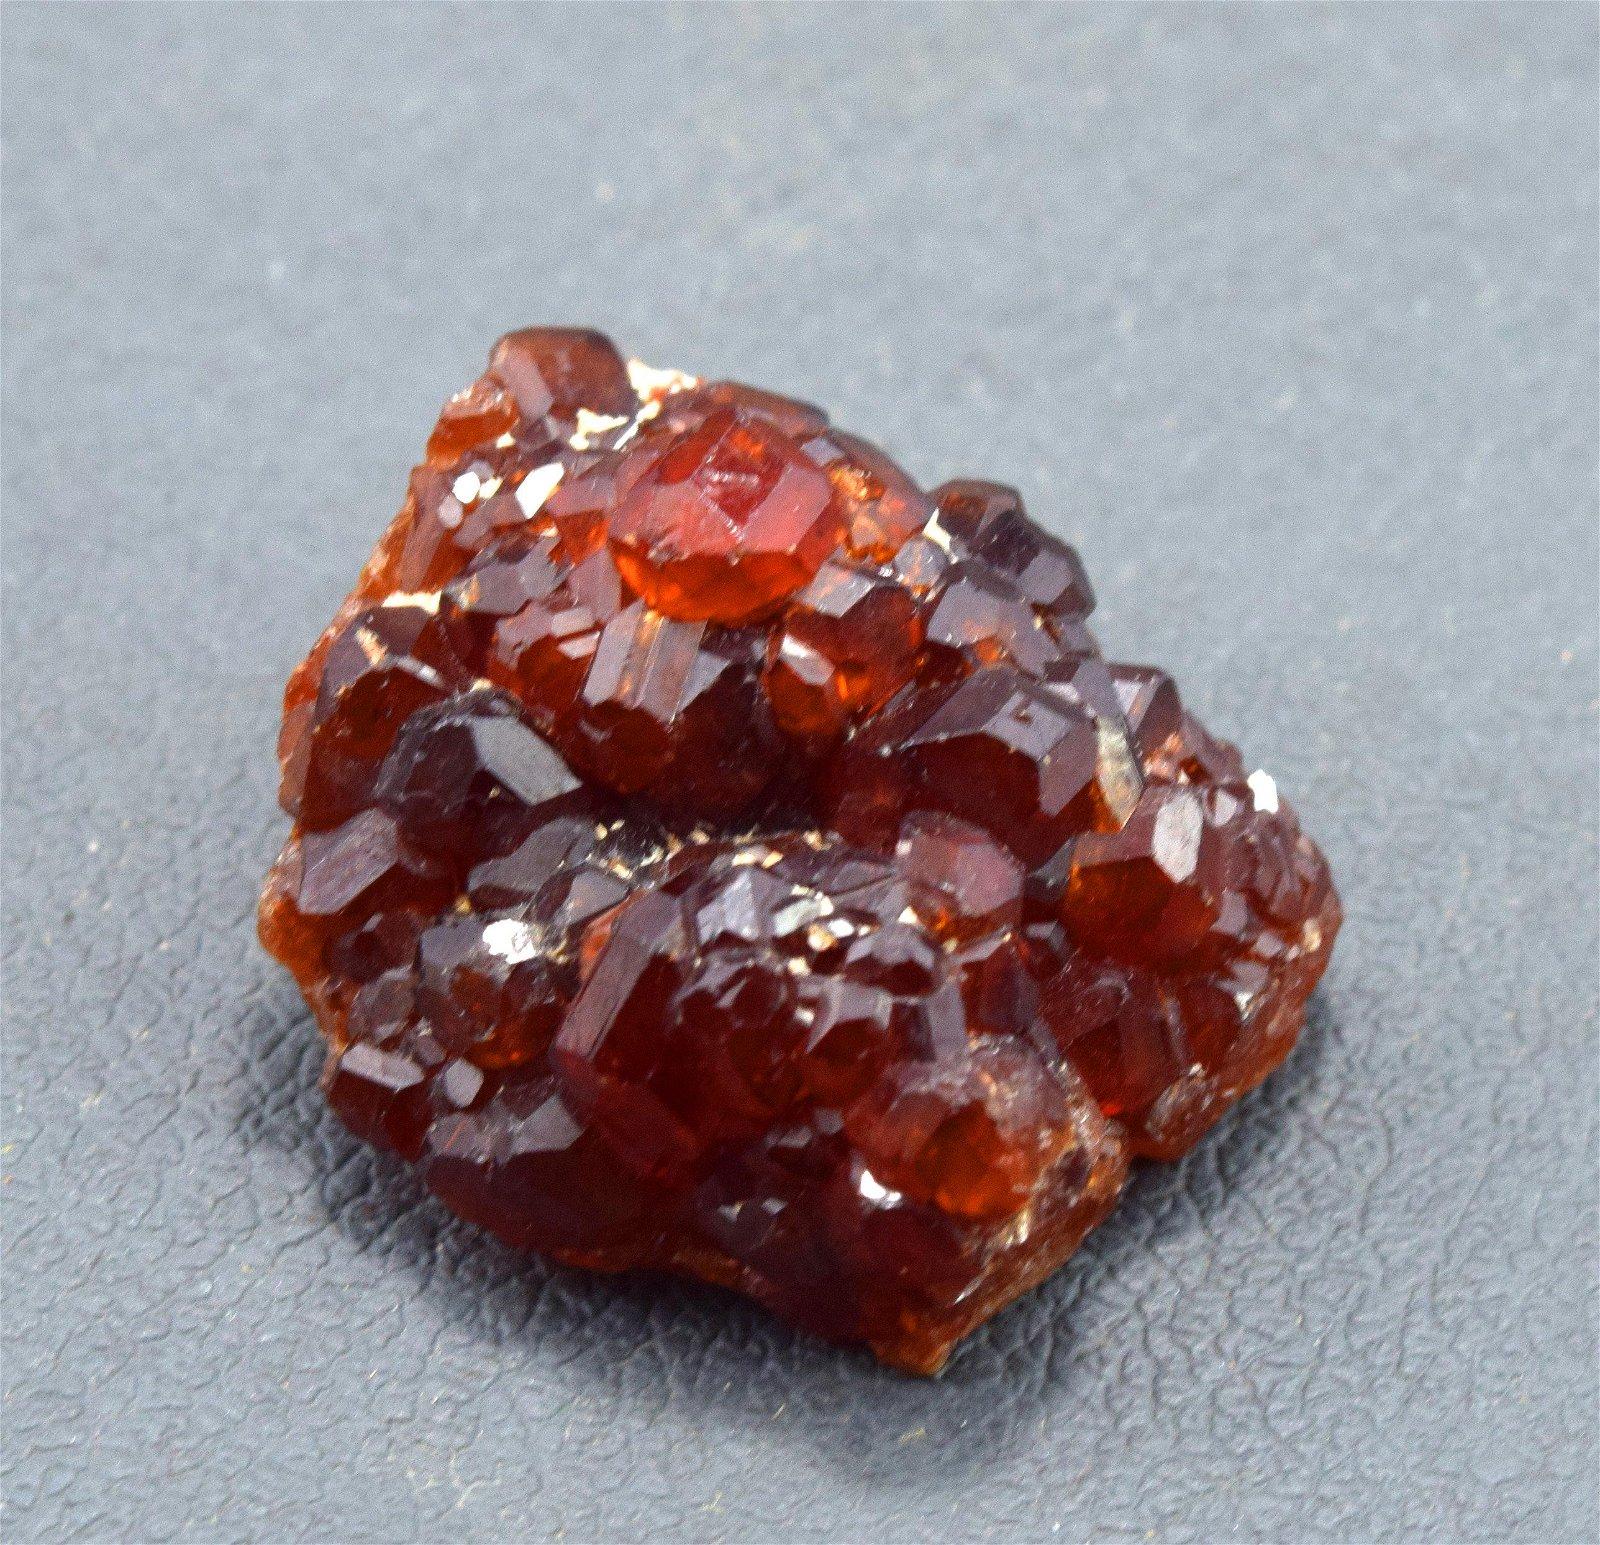 21 Gram Natural Undamaged Red Color Garnet Crystals